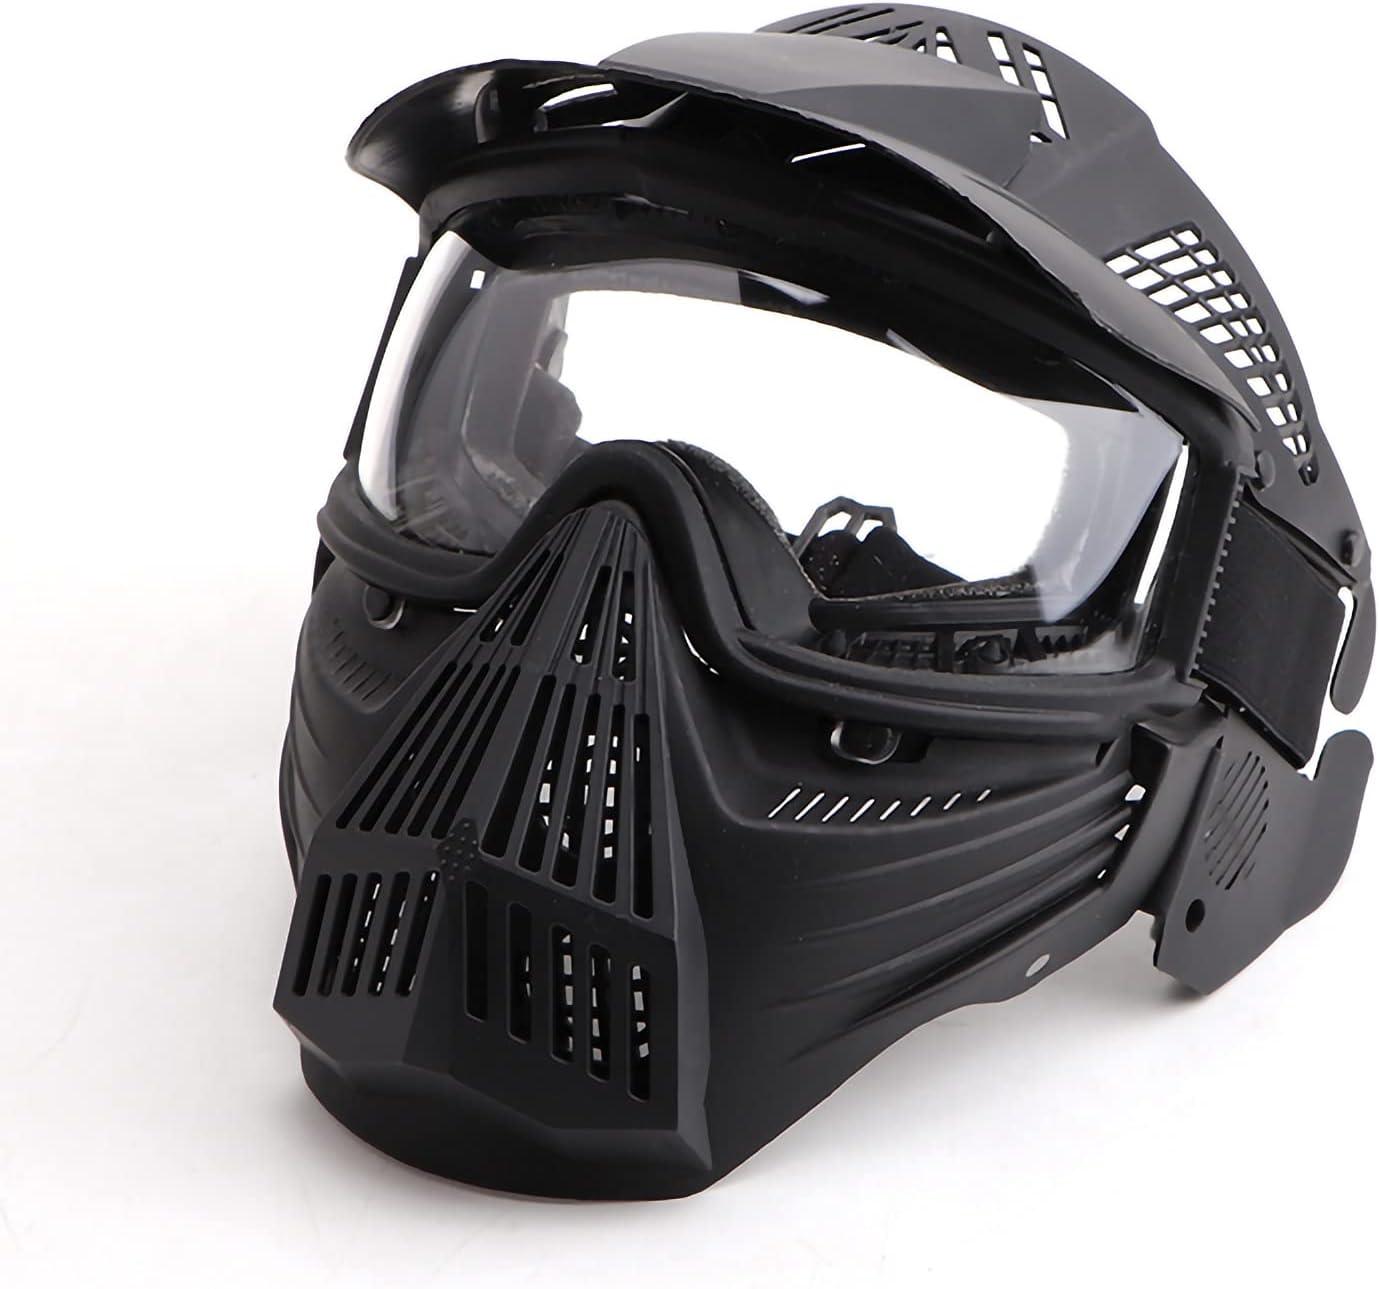 Máscara de airsoft, máscara completa de protección con visera para Halloween, máscara táctica para juegos de fiesta, cosplay, ciclismo, decoración para adultos y jóvenes